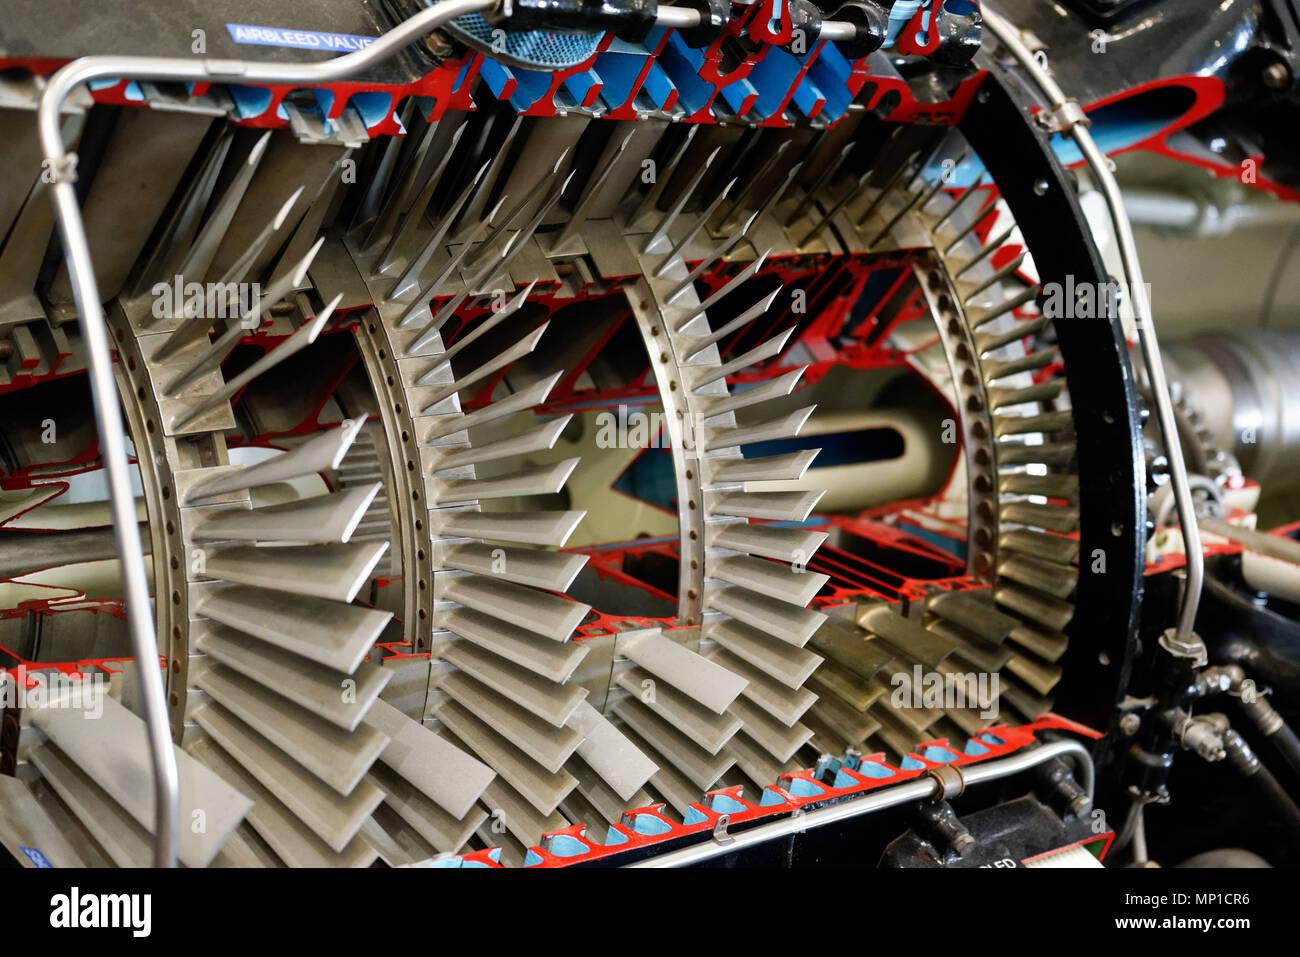 Un modèle en coupe d'un moteur à réaction montrant des pales de la turbine Photo Stock